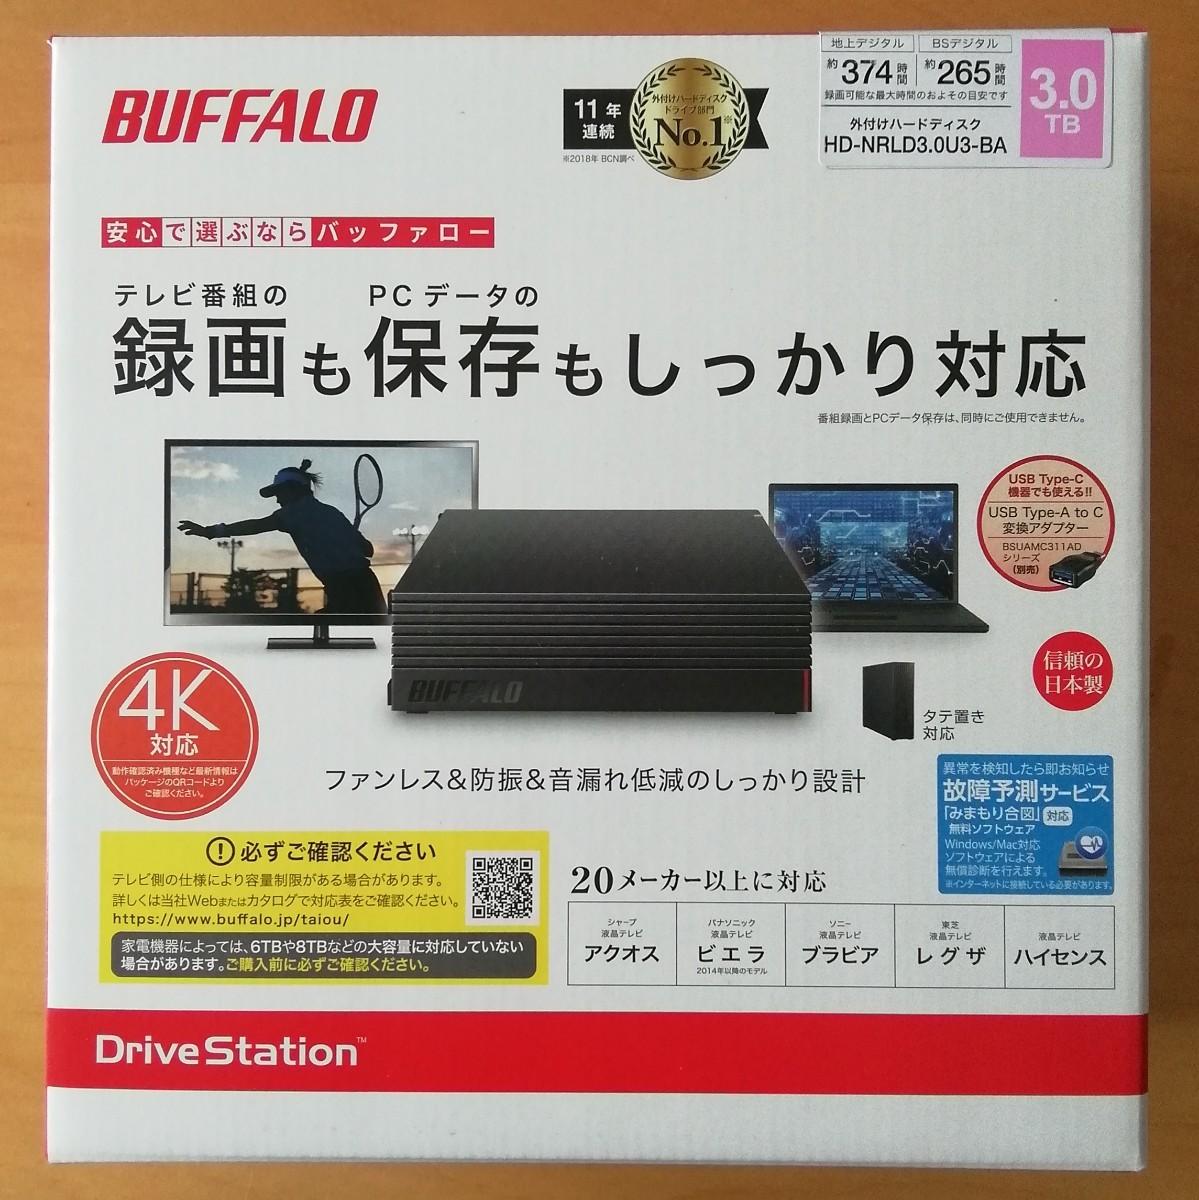 新品 バッファロー 外付けハードディスク 3TB HD-NRLD3.0U3-BA